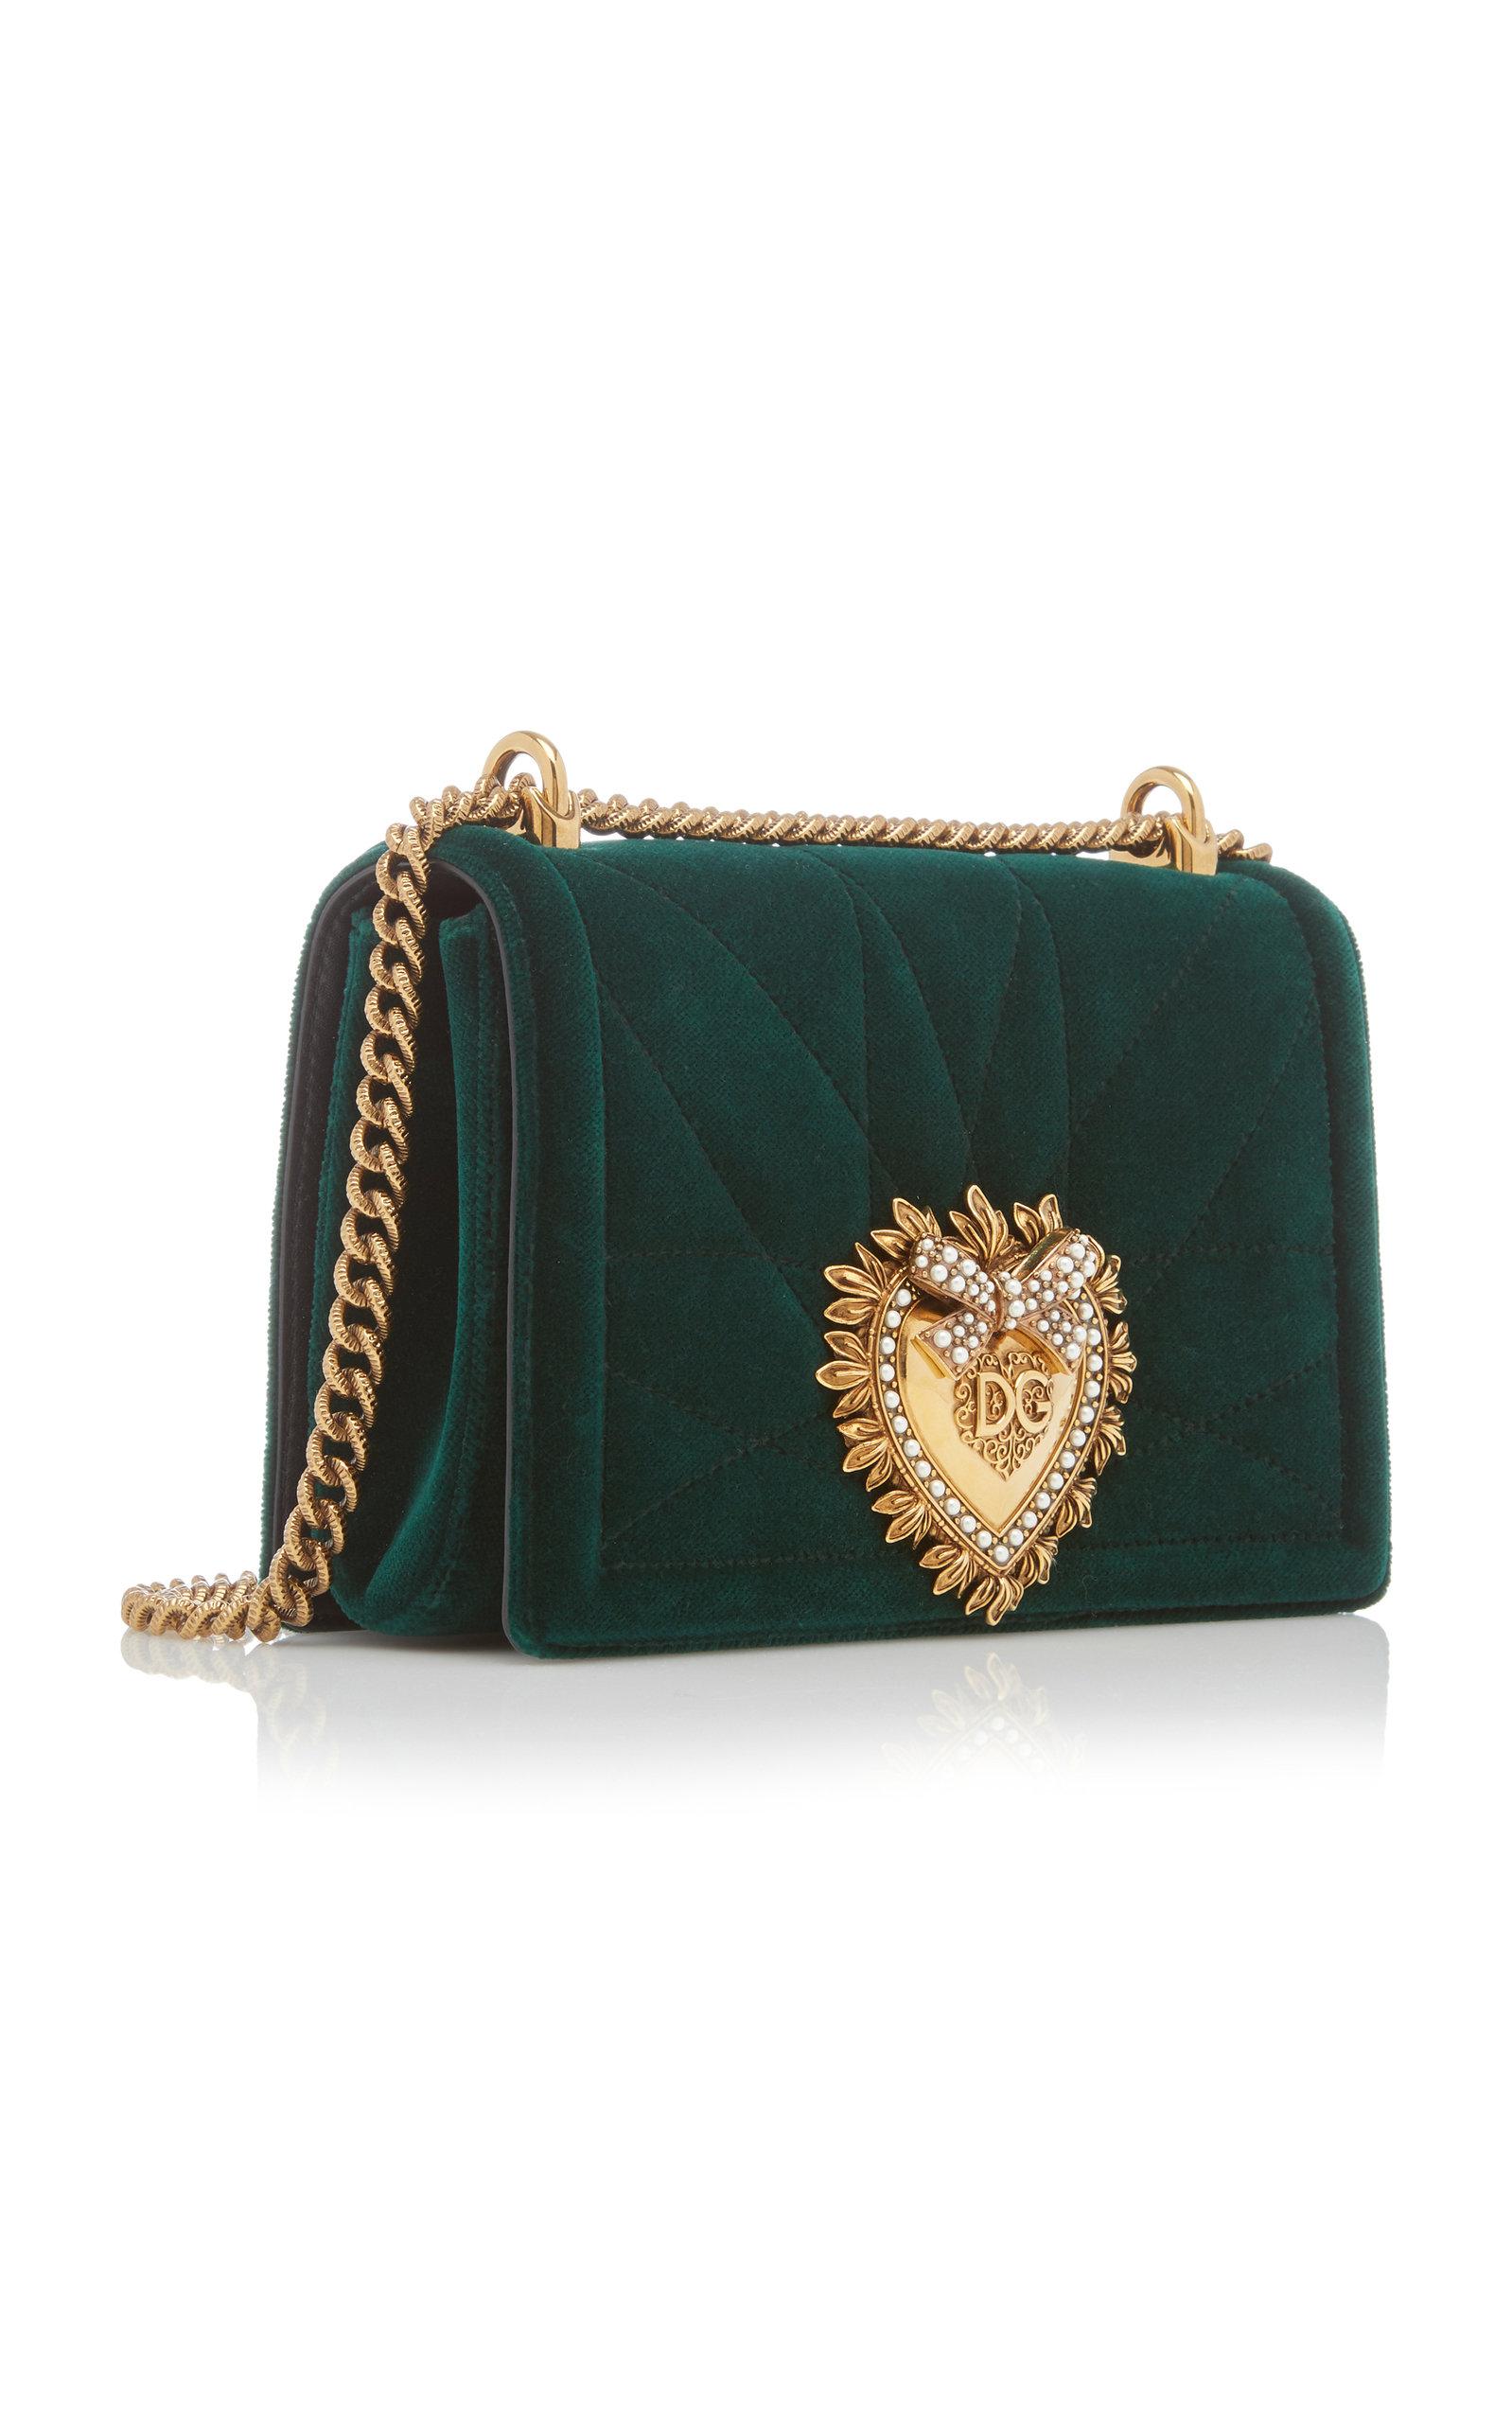 e931c8daf95 Devotion Embellished Velvet Shoulder Bag by Dolce | Moda Operandi